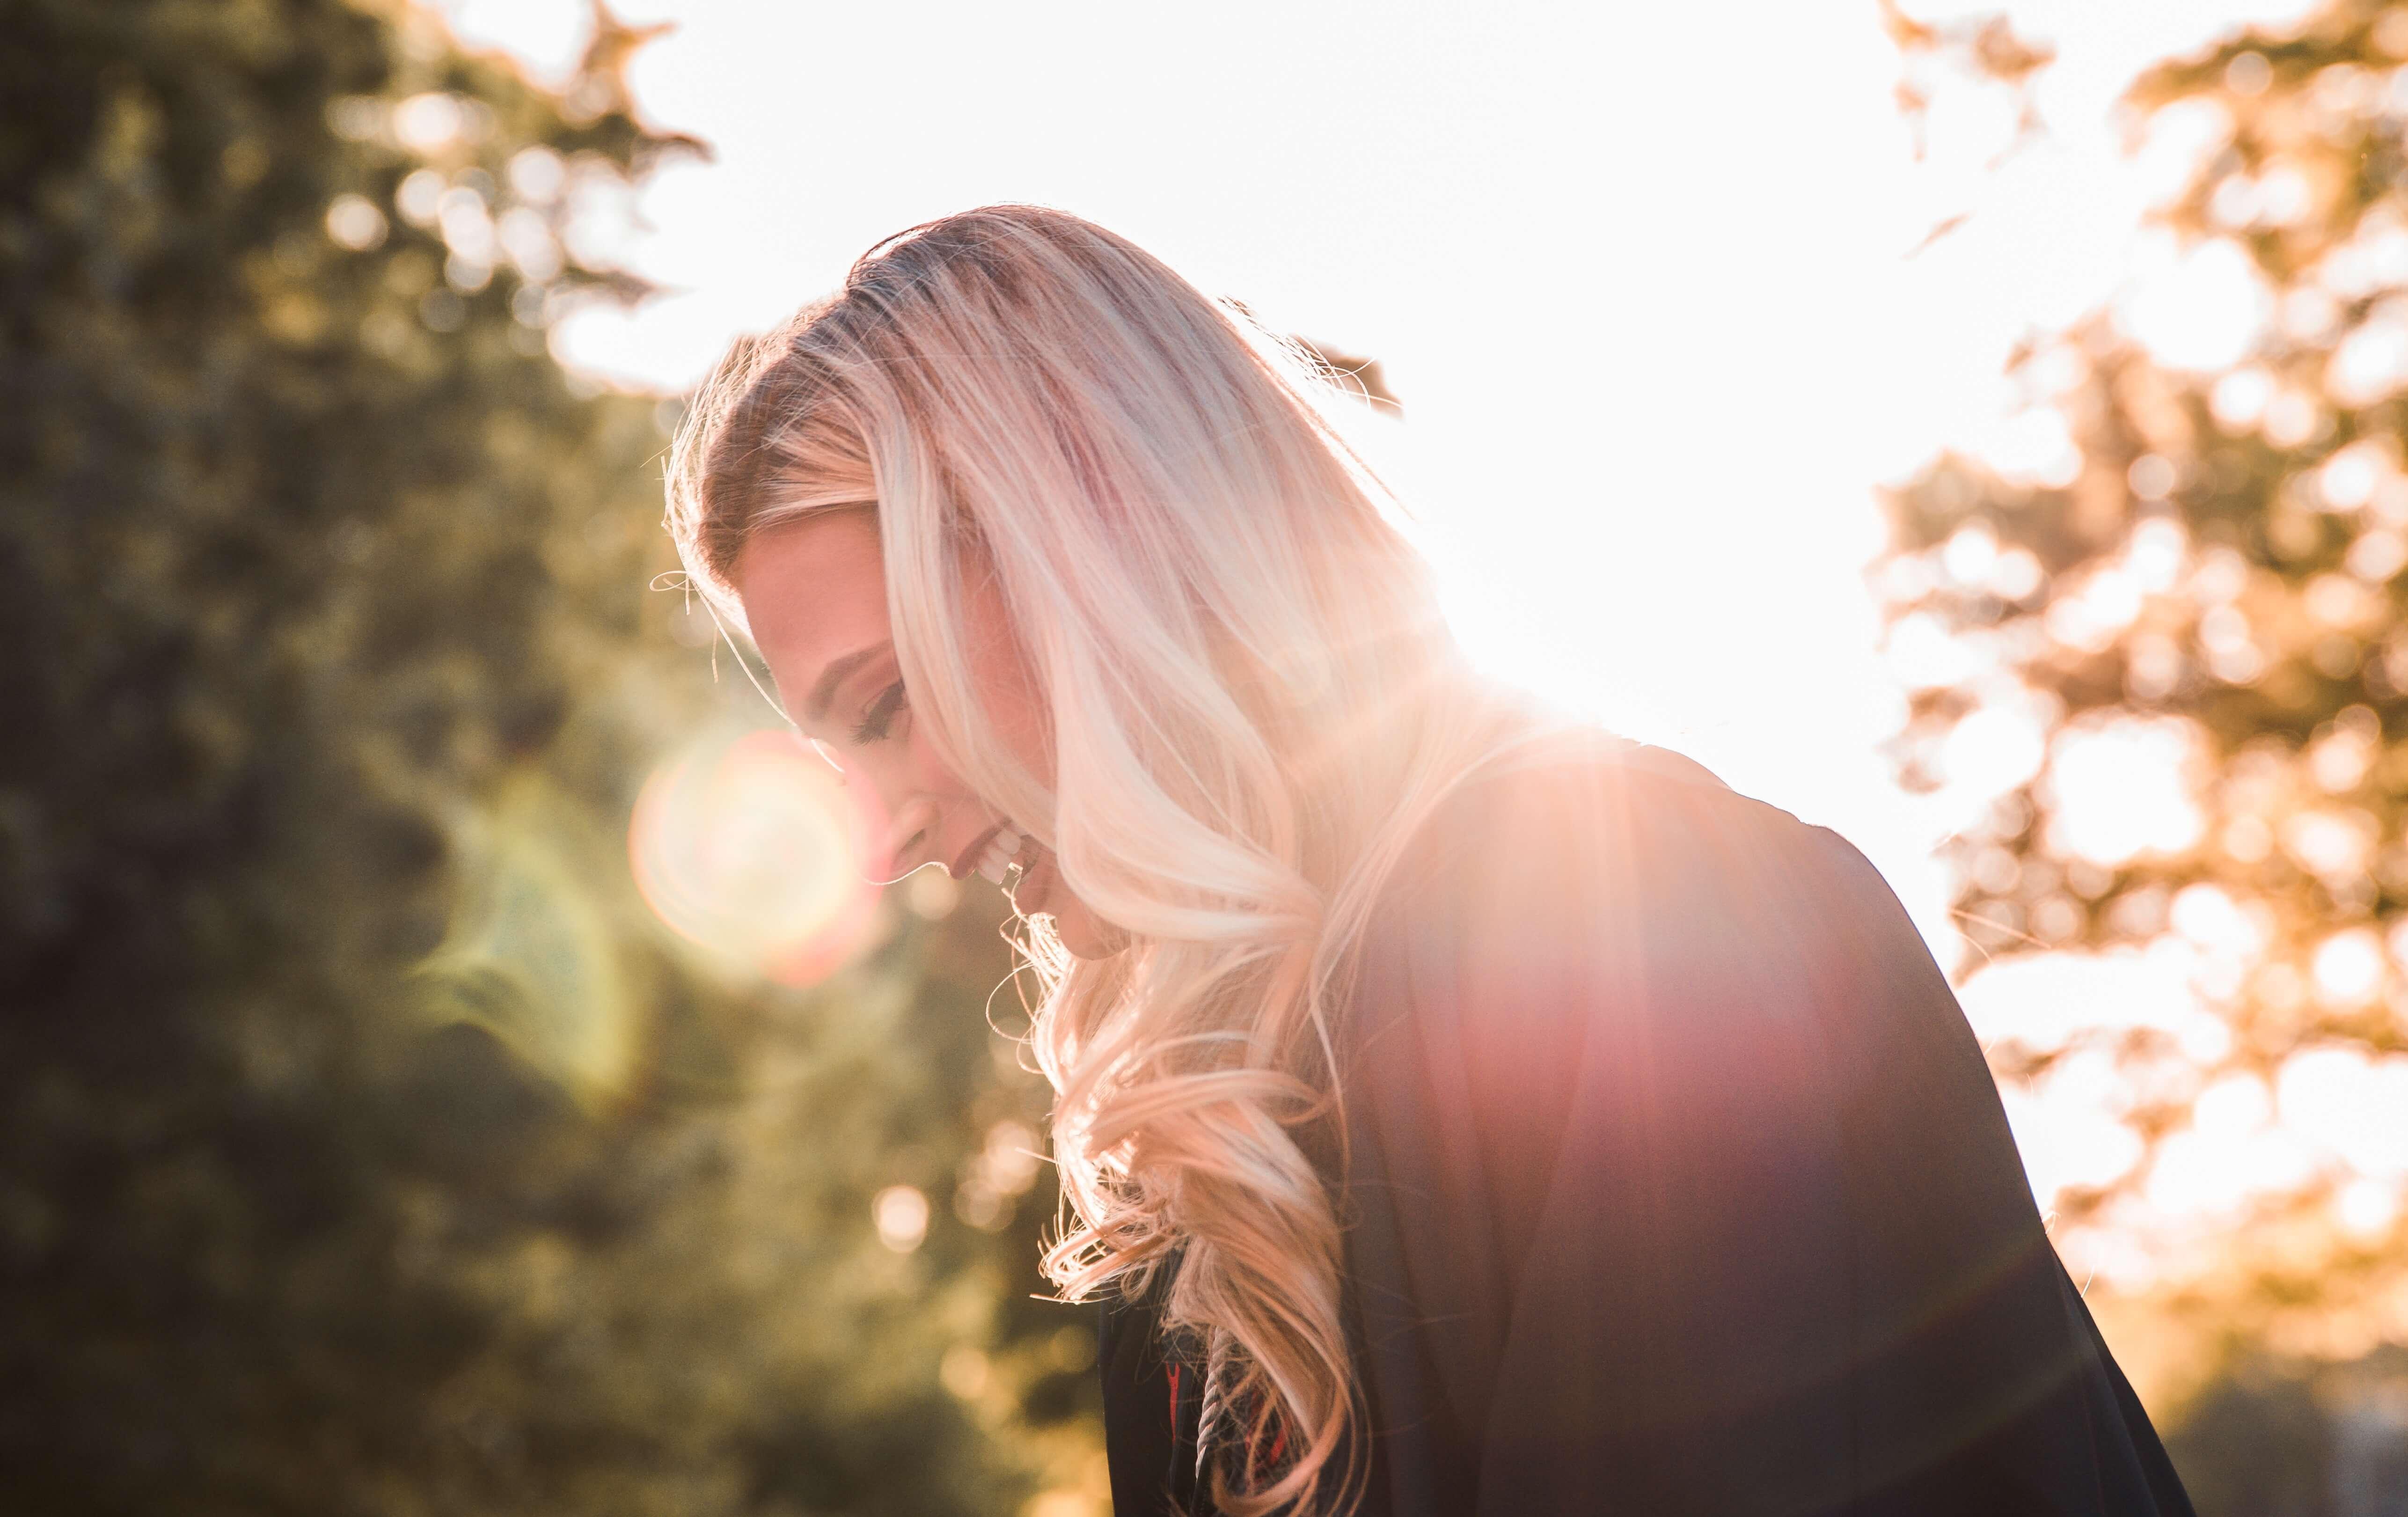 笑顔の女性の横顔